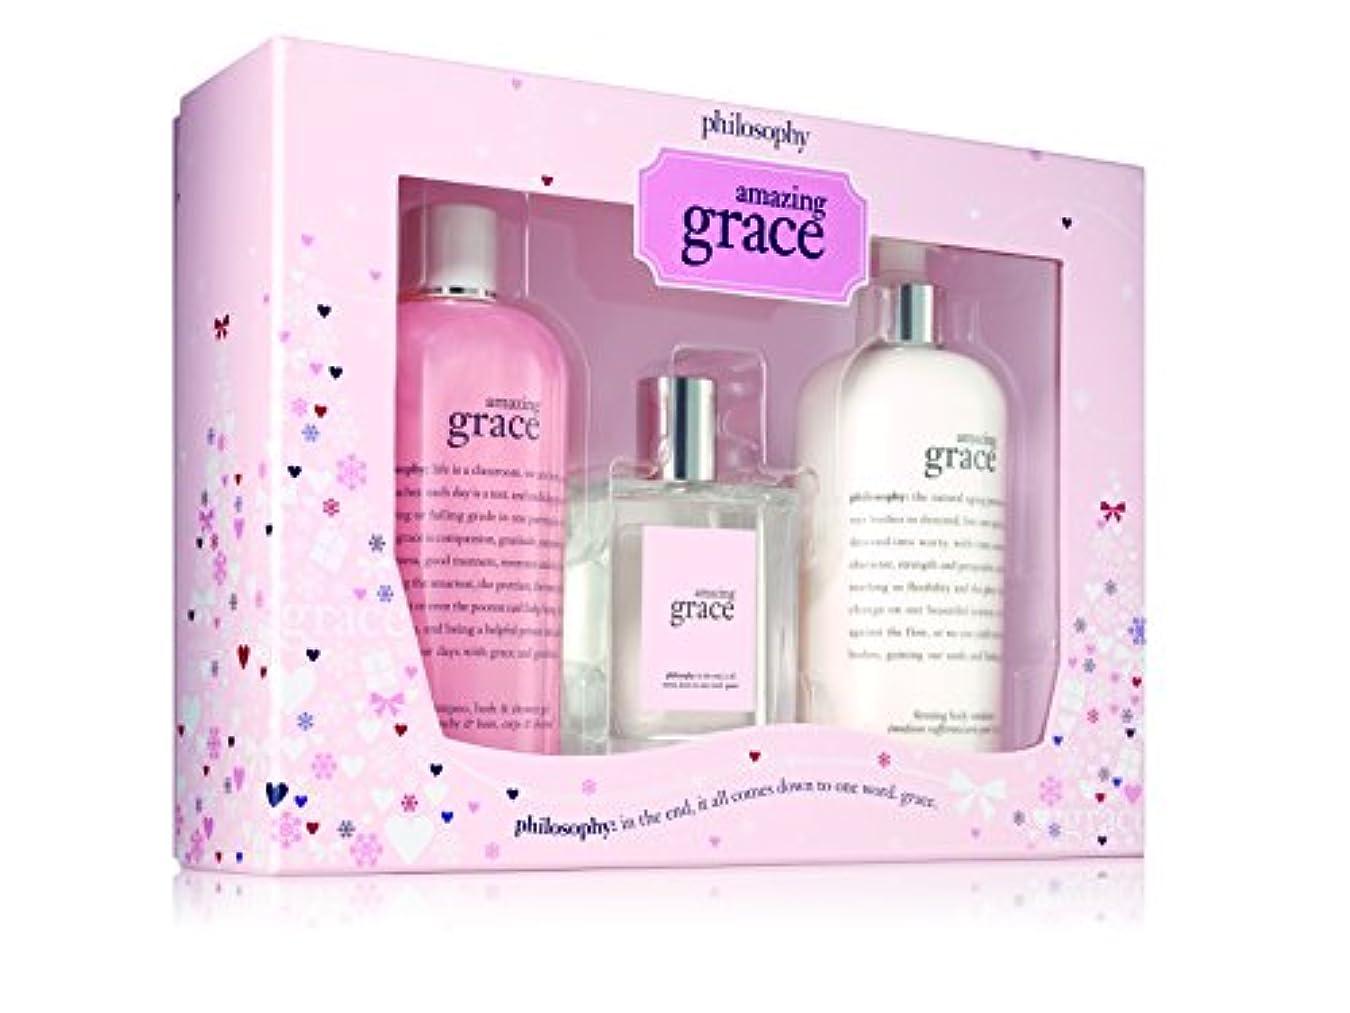 トン時間厳守浮浪者Philosophy - Amazing Grace 3-Piece Jumbo Gift Set Holiday 2017